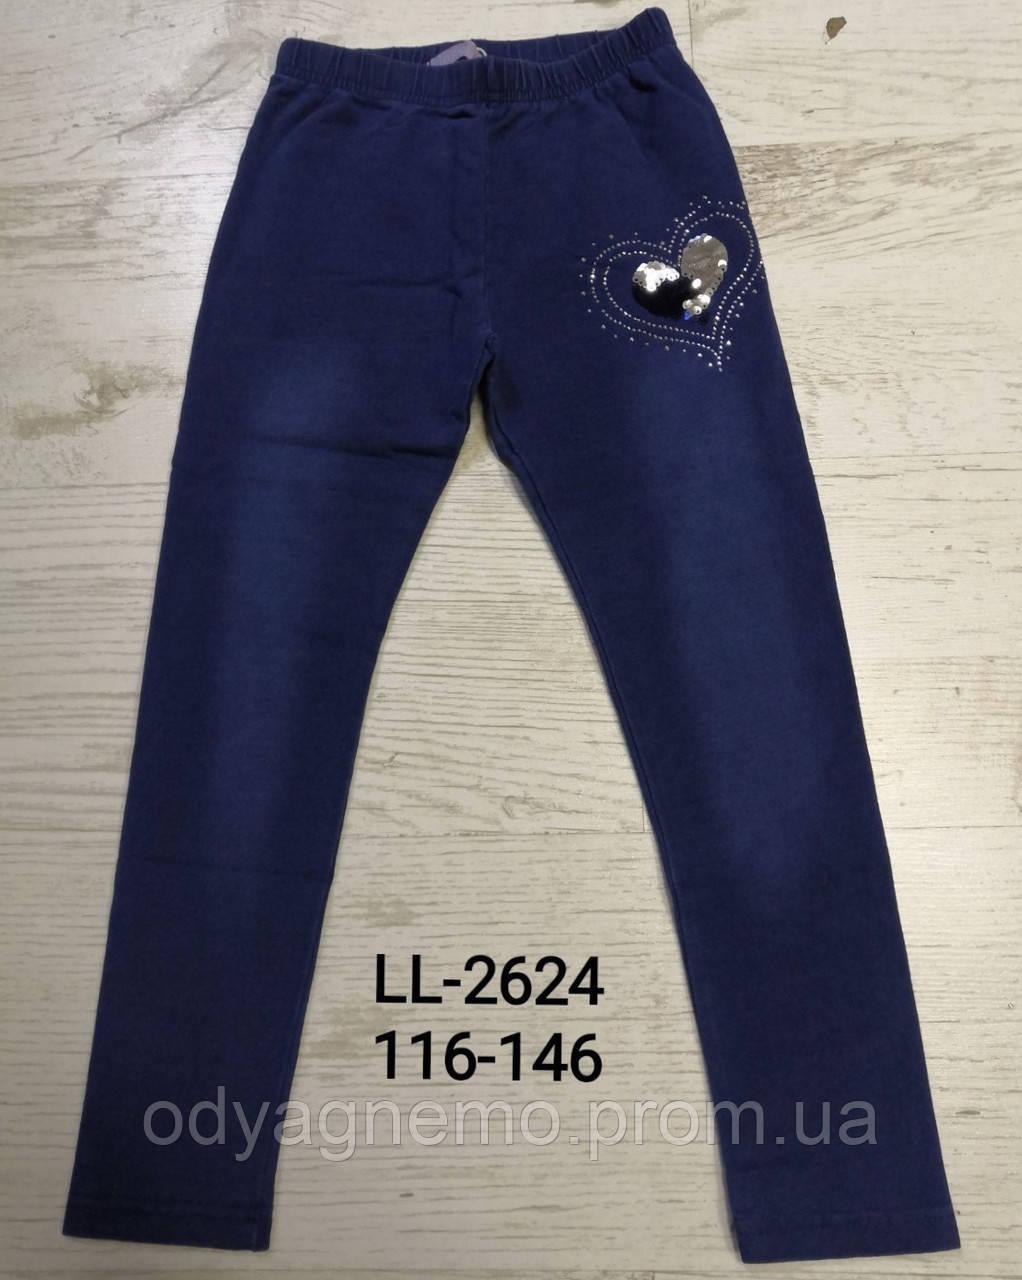 Лосины с имитацией джинсы для девочек Sincere оптом, 116-146 pp. Артикул: LL2624